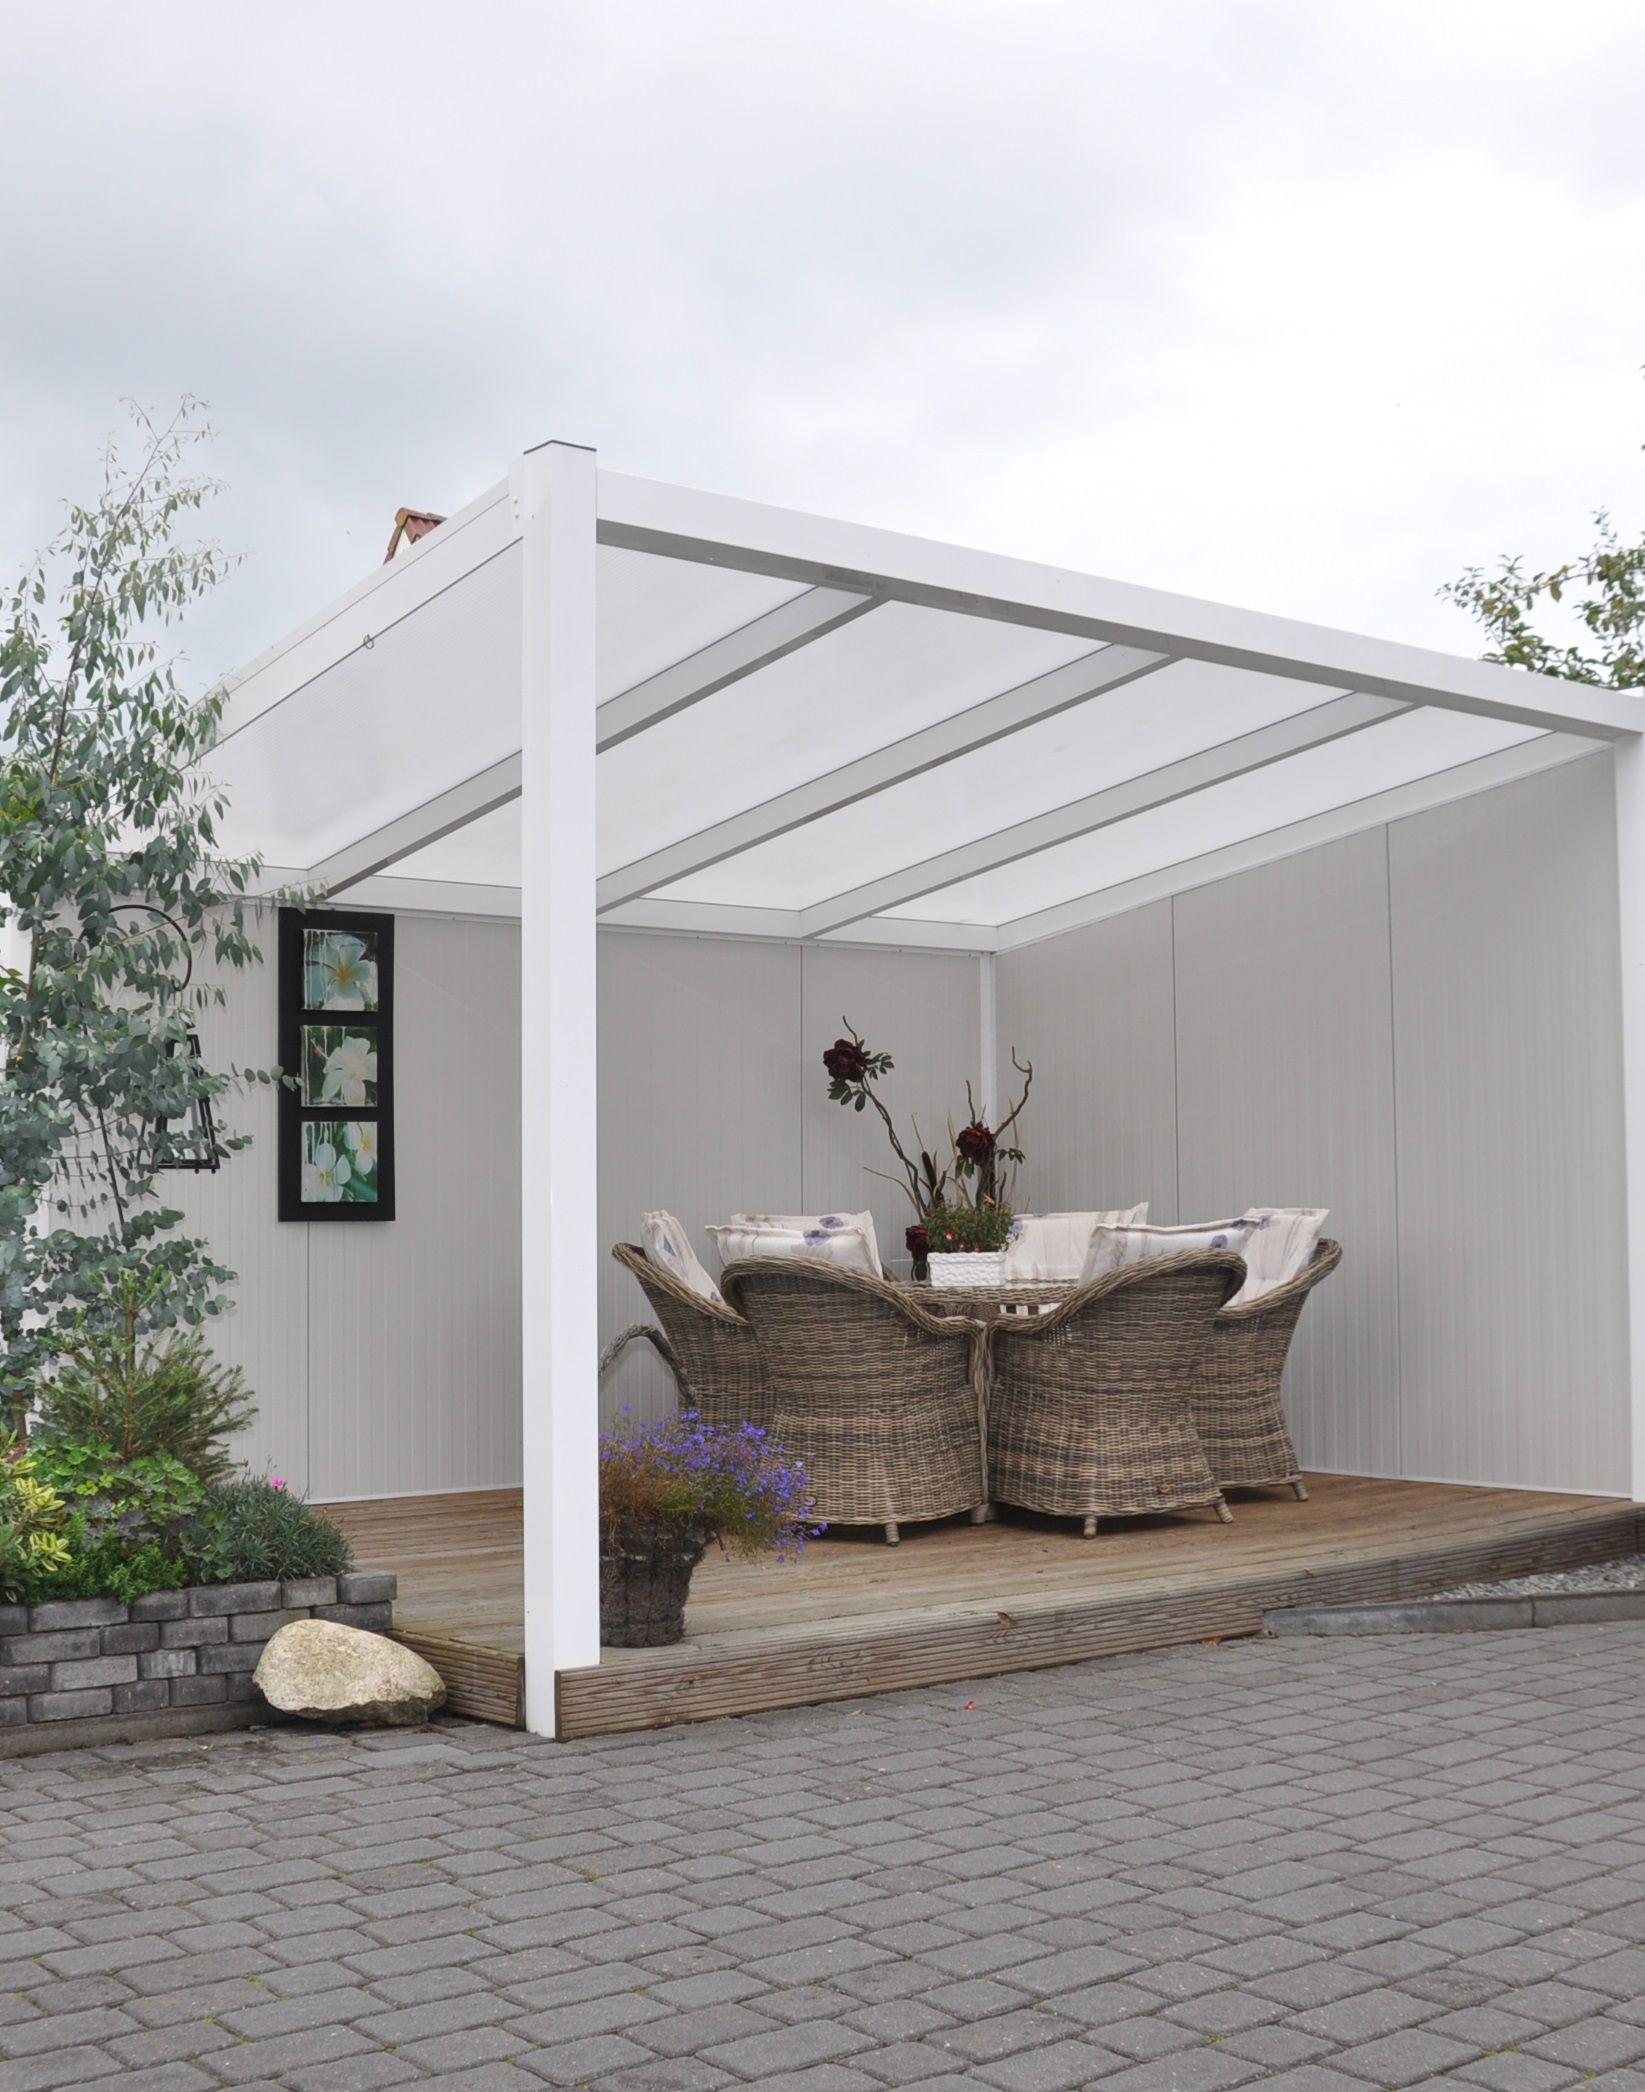 terassenuberdachung aluminium, moderne freistehende terrassenüberdachung aus aluminium in der farbe, Design ideen